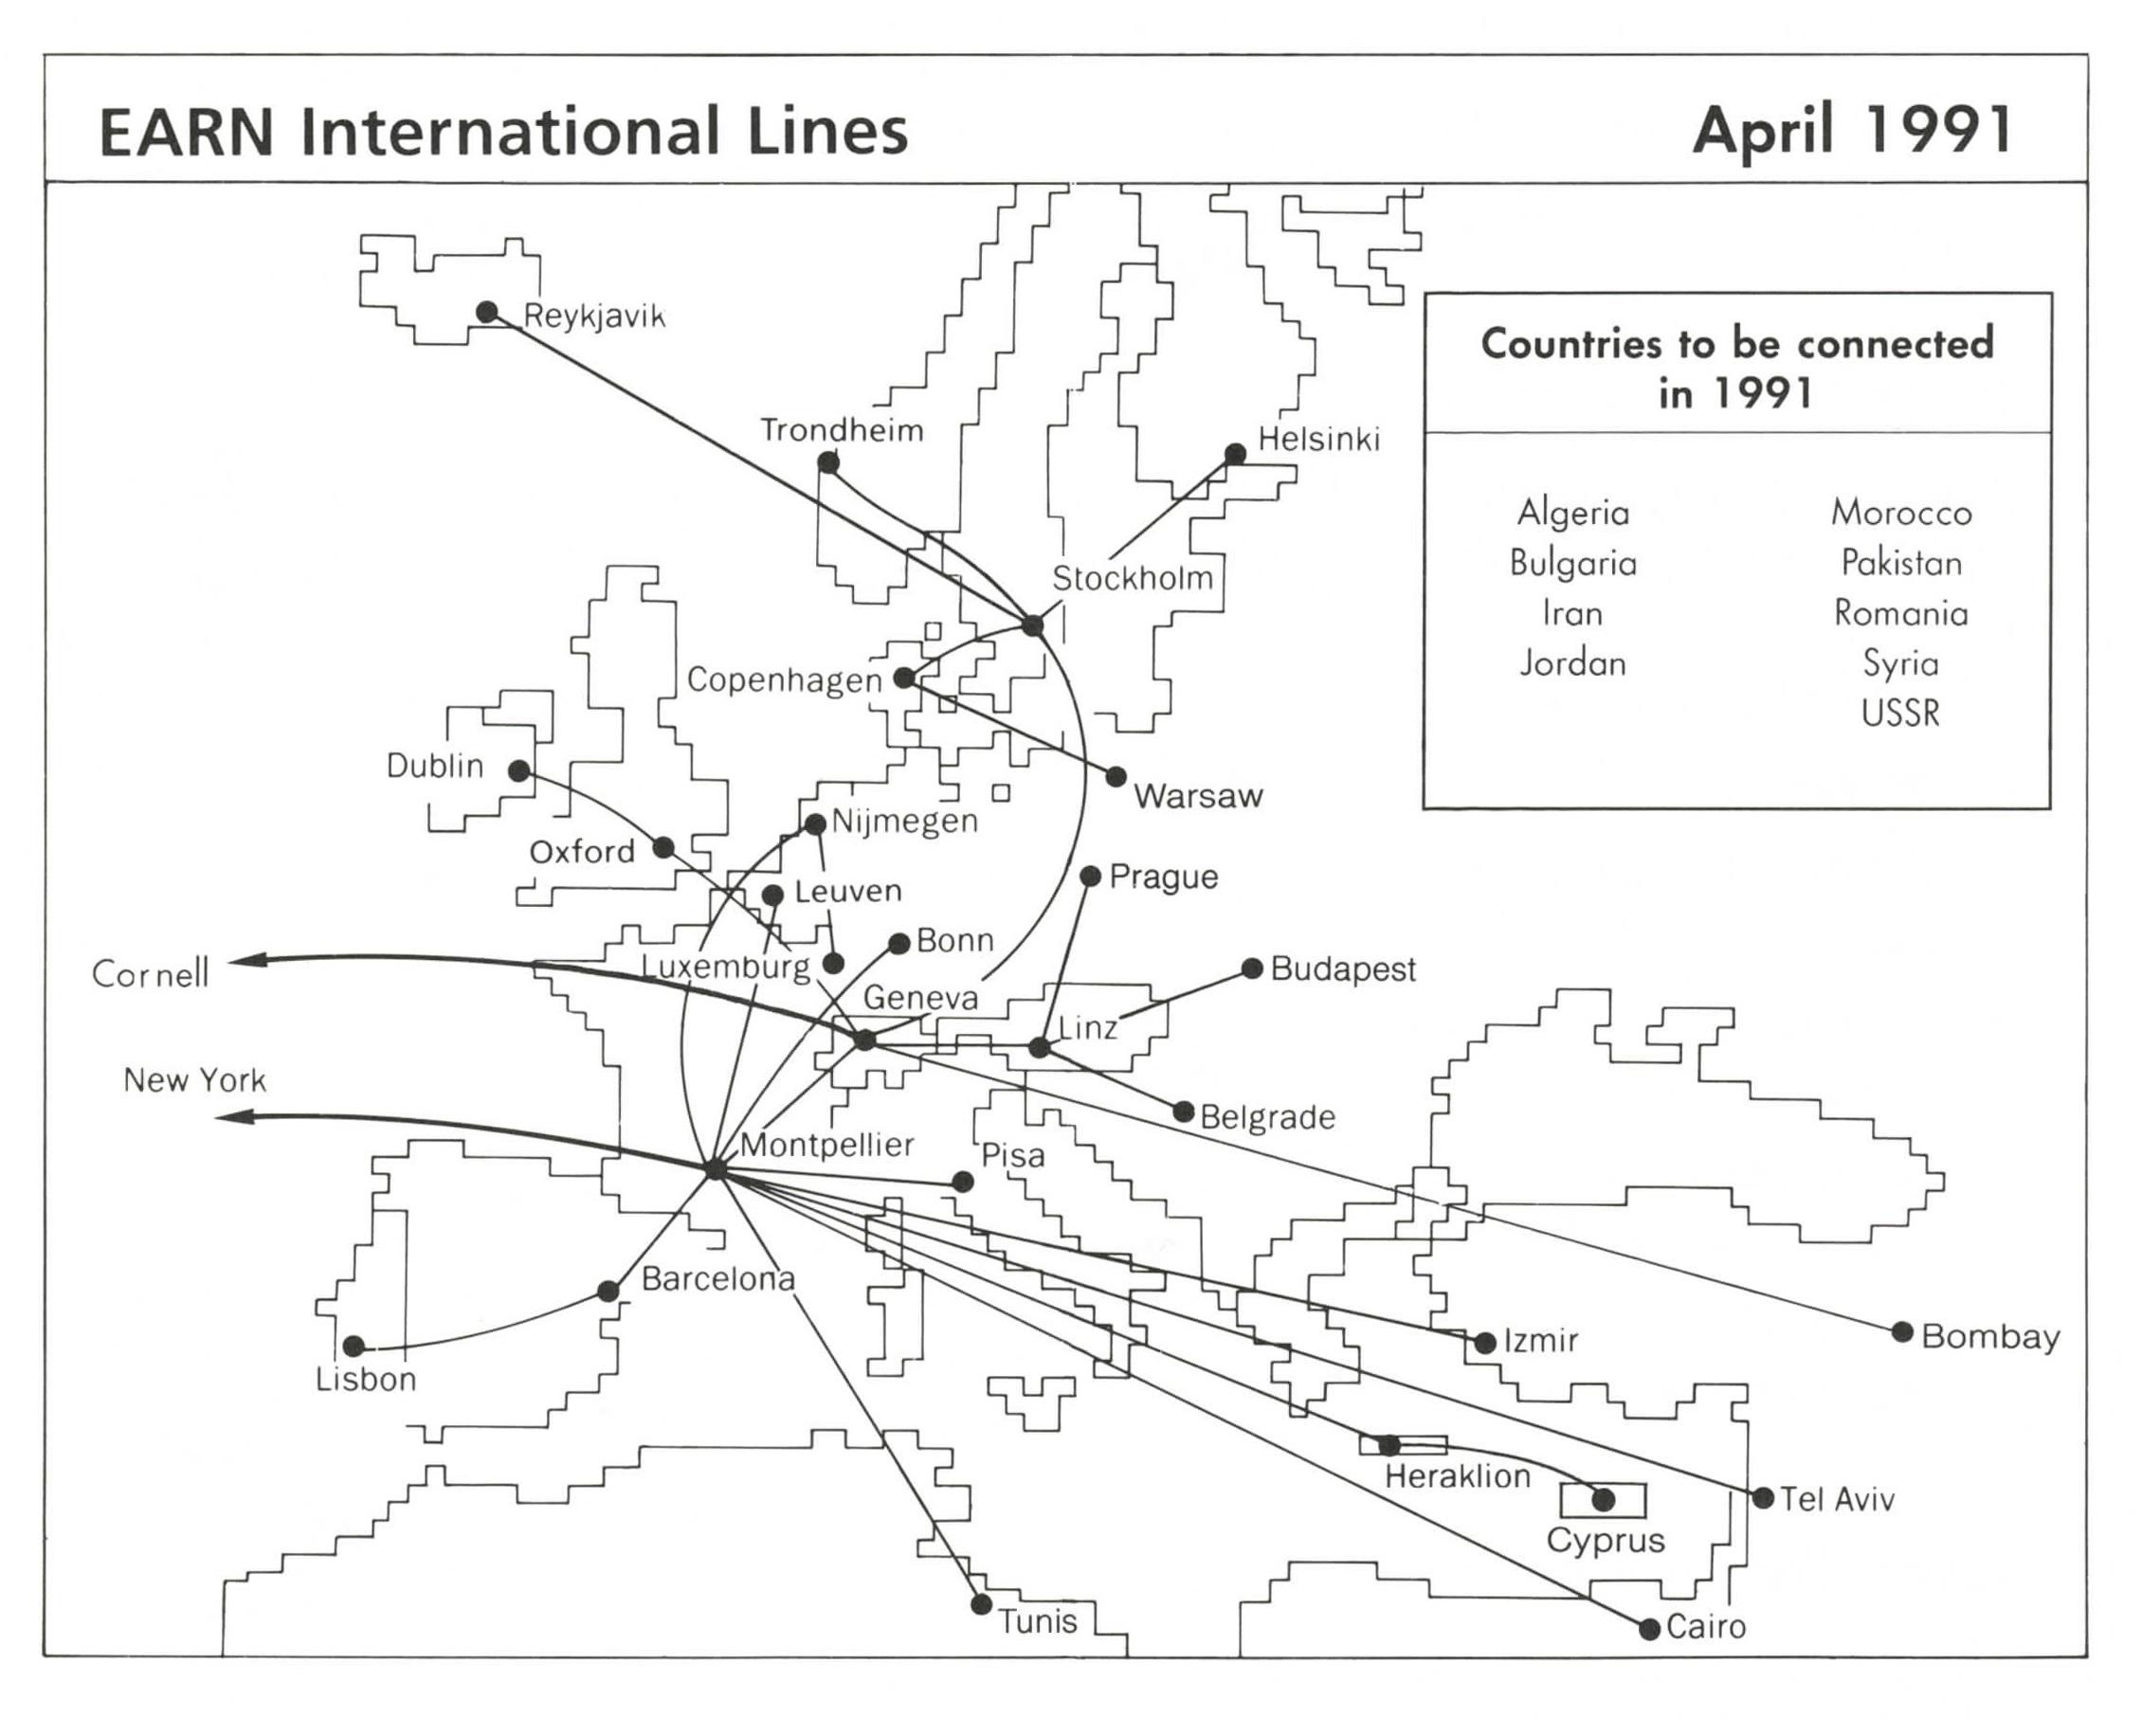 EARN MAP 1991